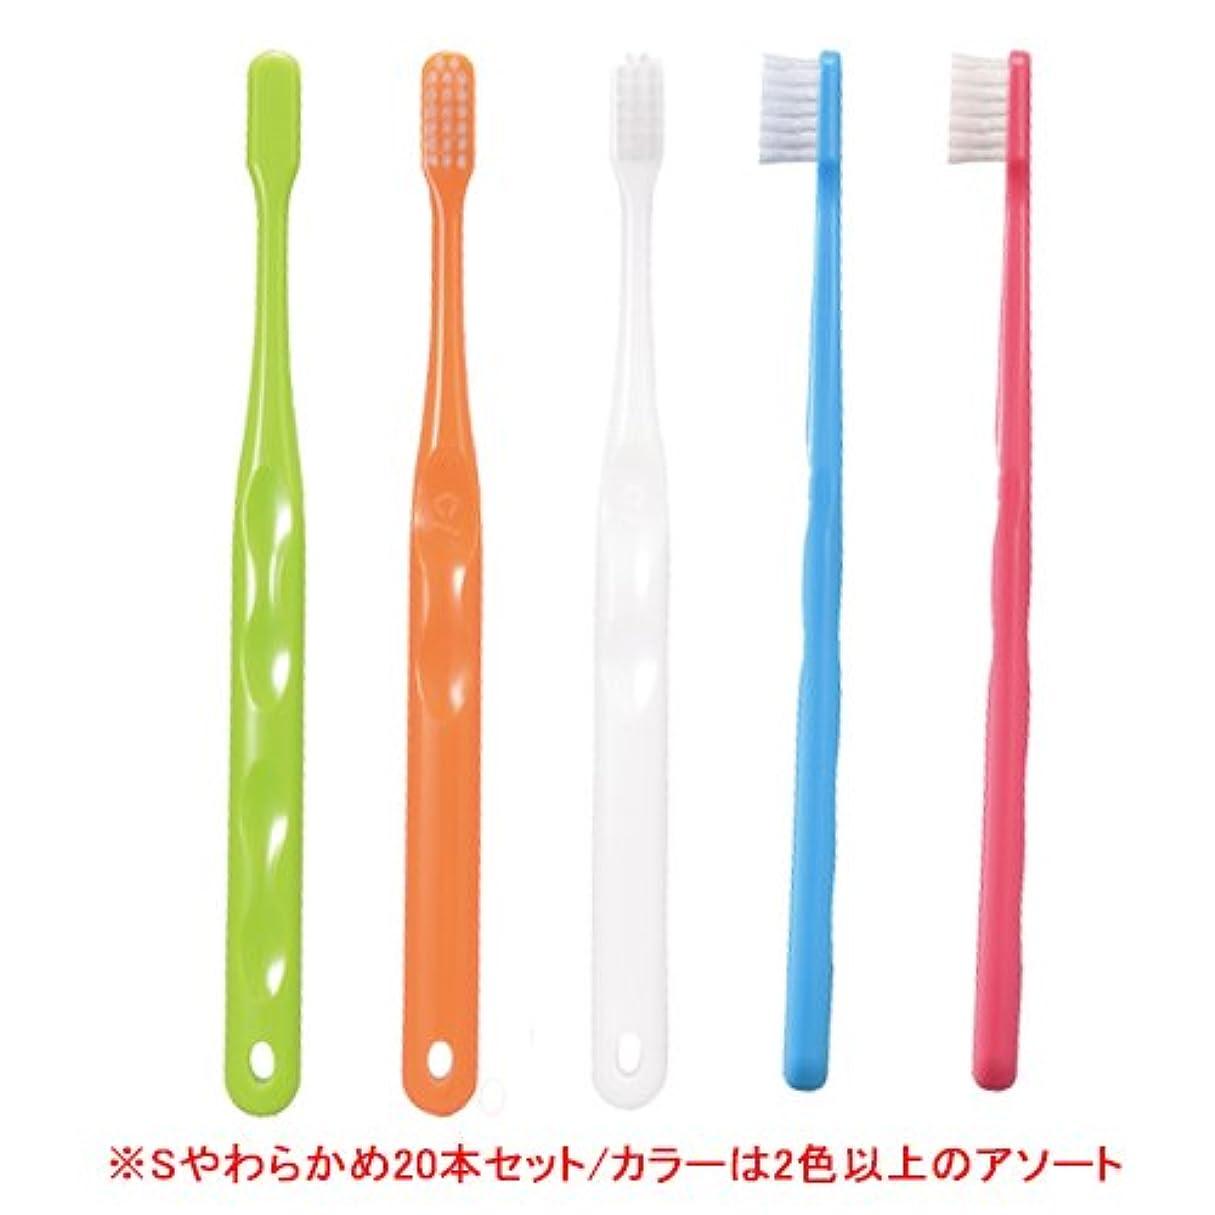 おもちゃこれら多用途Ciメディカル Ci700 超先細 ラウンド毛 歯ブラシ 20本 (Sやわらかめ)